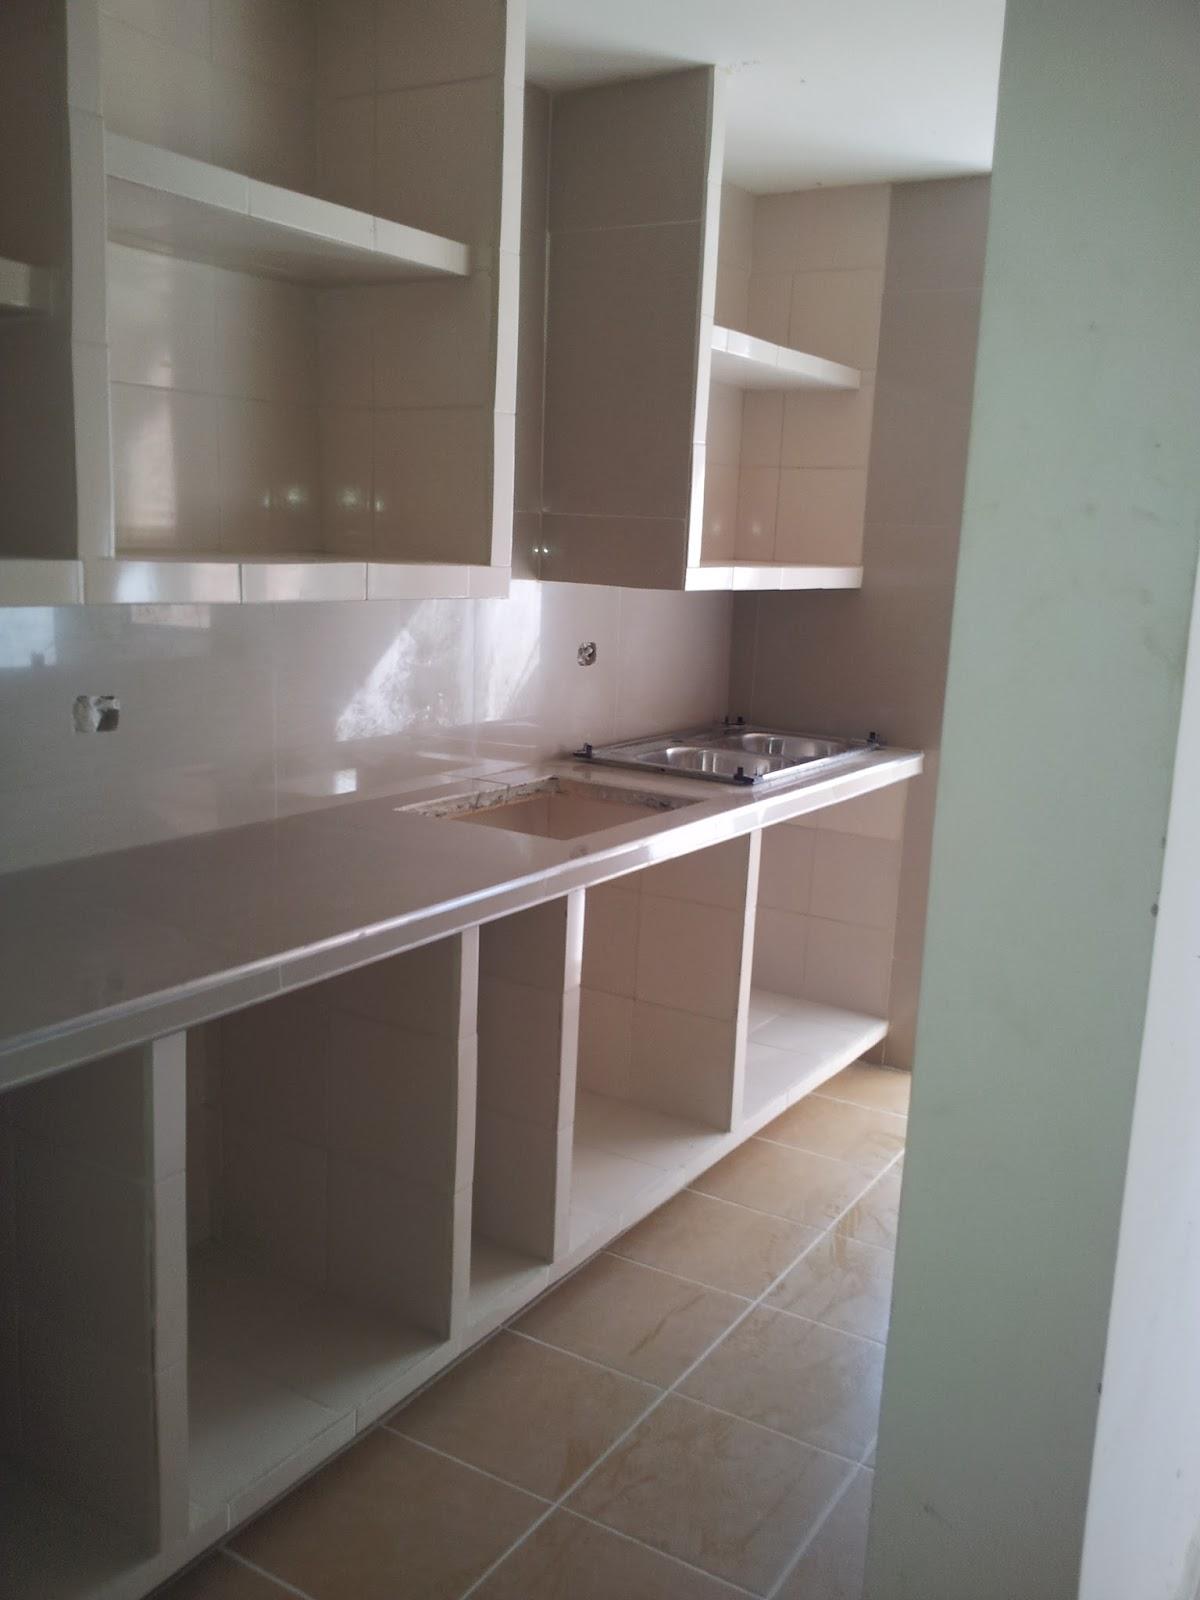 Construcciones y asesor a fly cocinas en remodelaci n for Cocinas de mamposteria